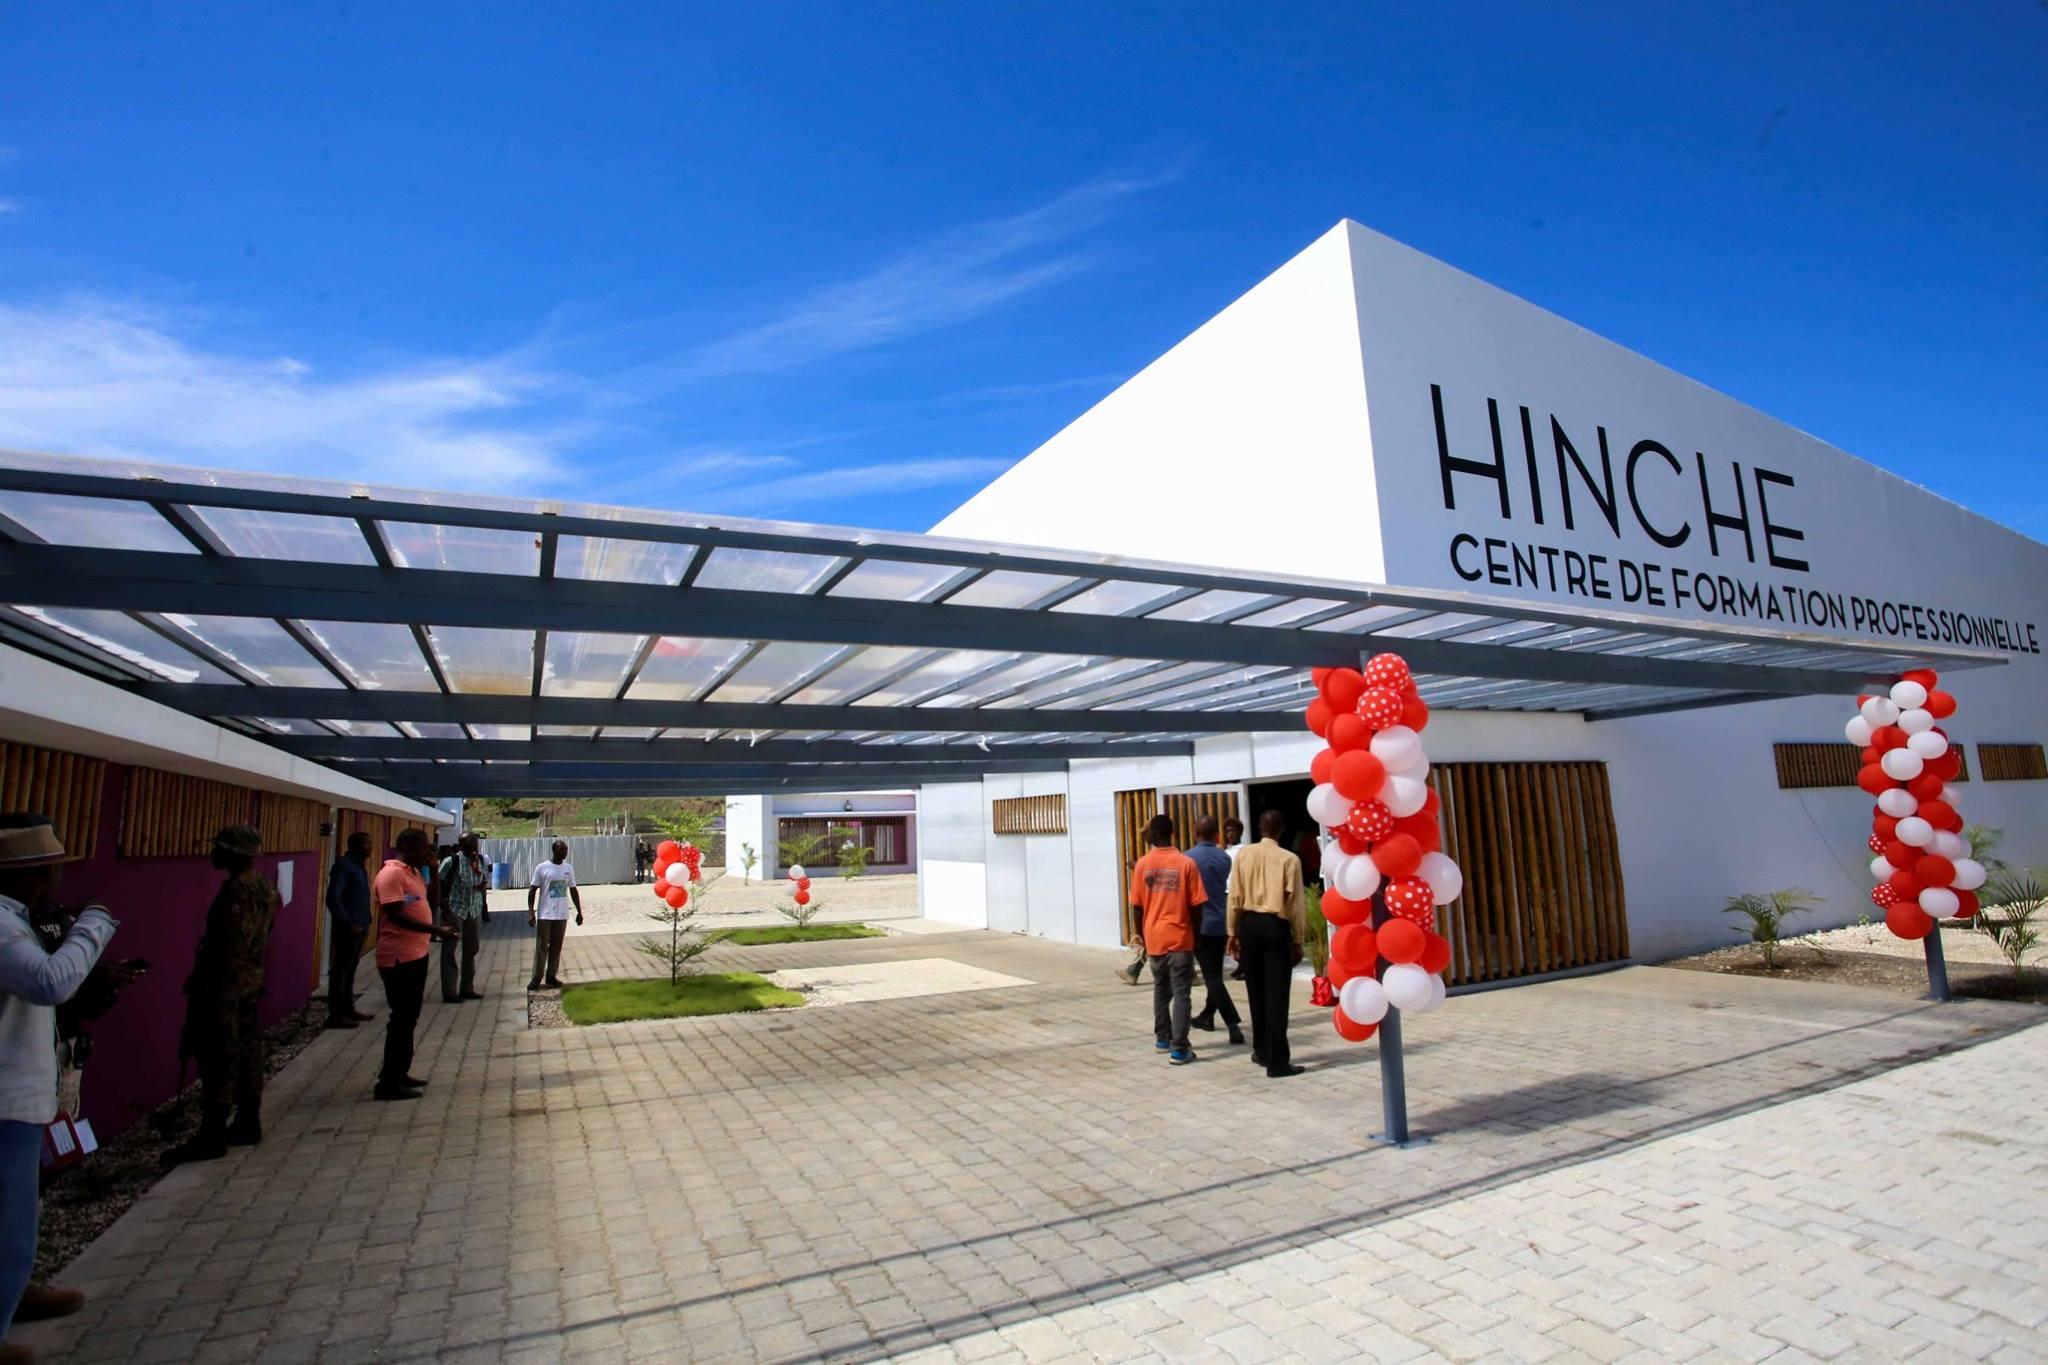 Le bâtiment flambant neuf qui abrite le Centre de Formation Professionnelle et Technique (CFPT), inauguré vendredi 31 août au Plateau Central